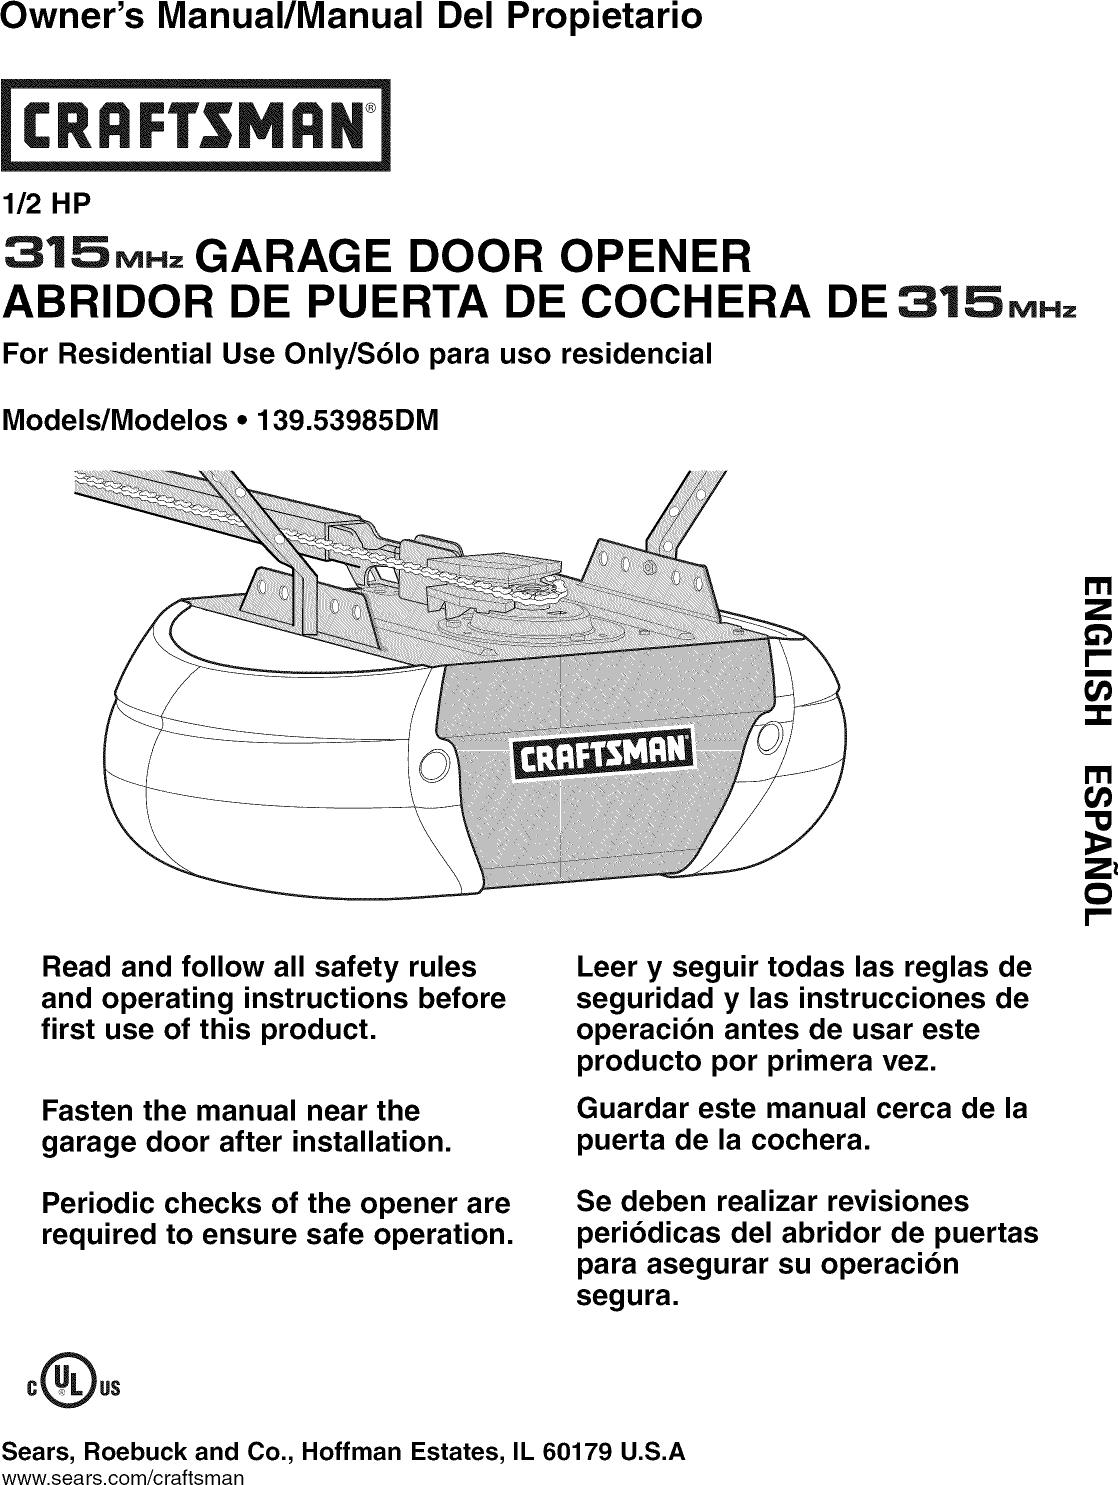 Craftsman 13953985dm User Manual Garage Door Opener Manuals And